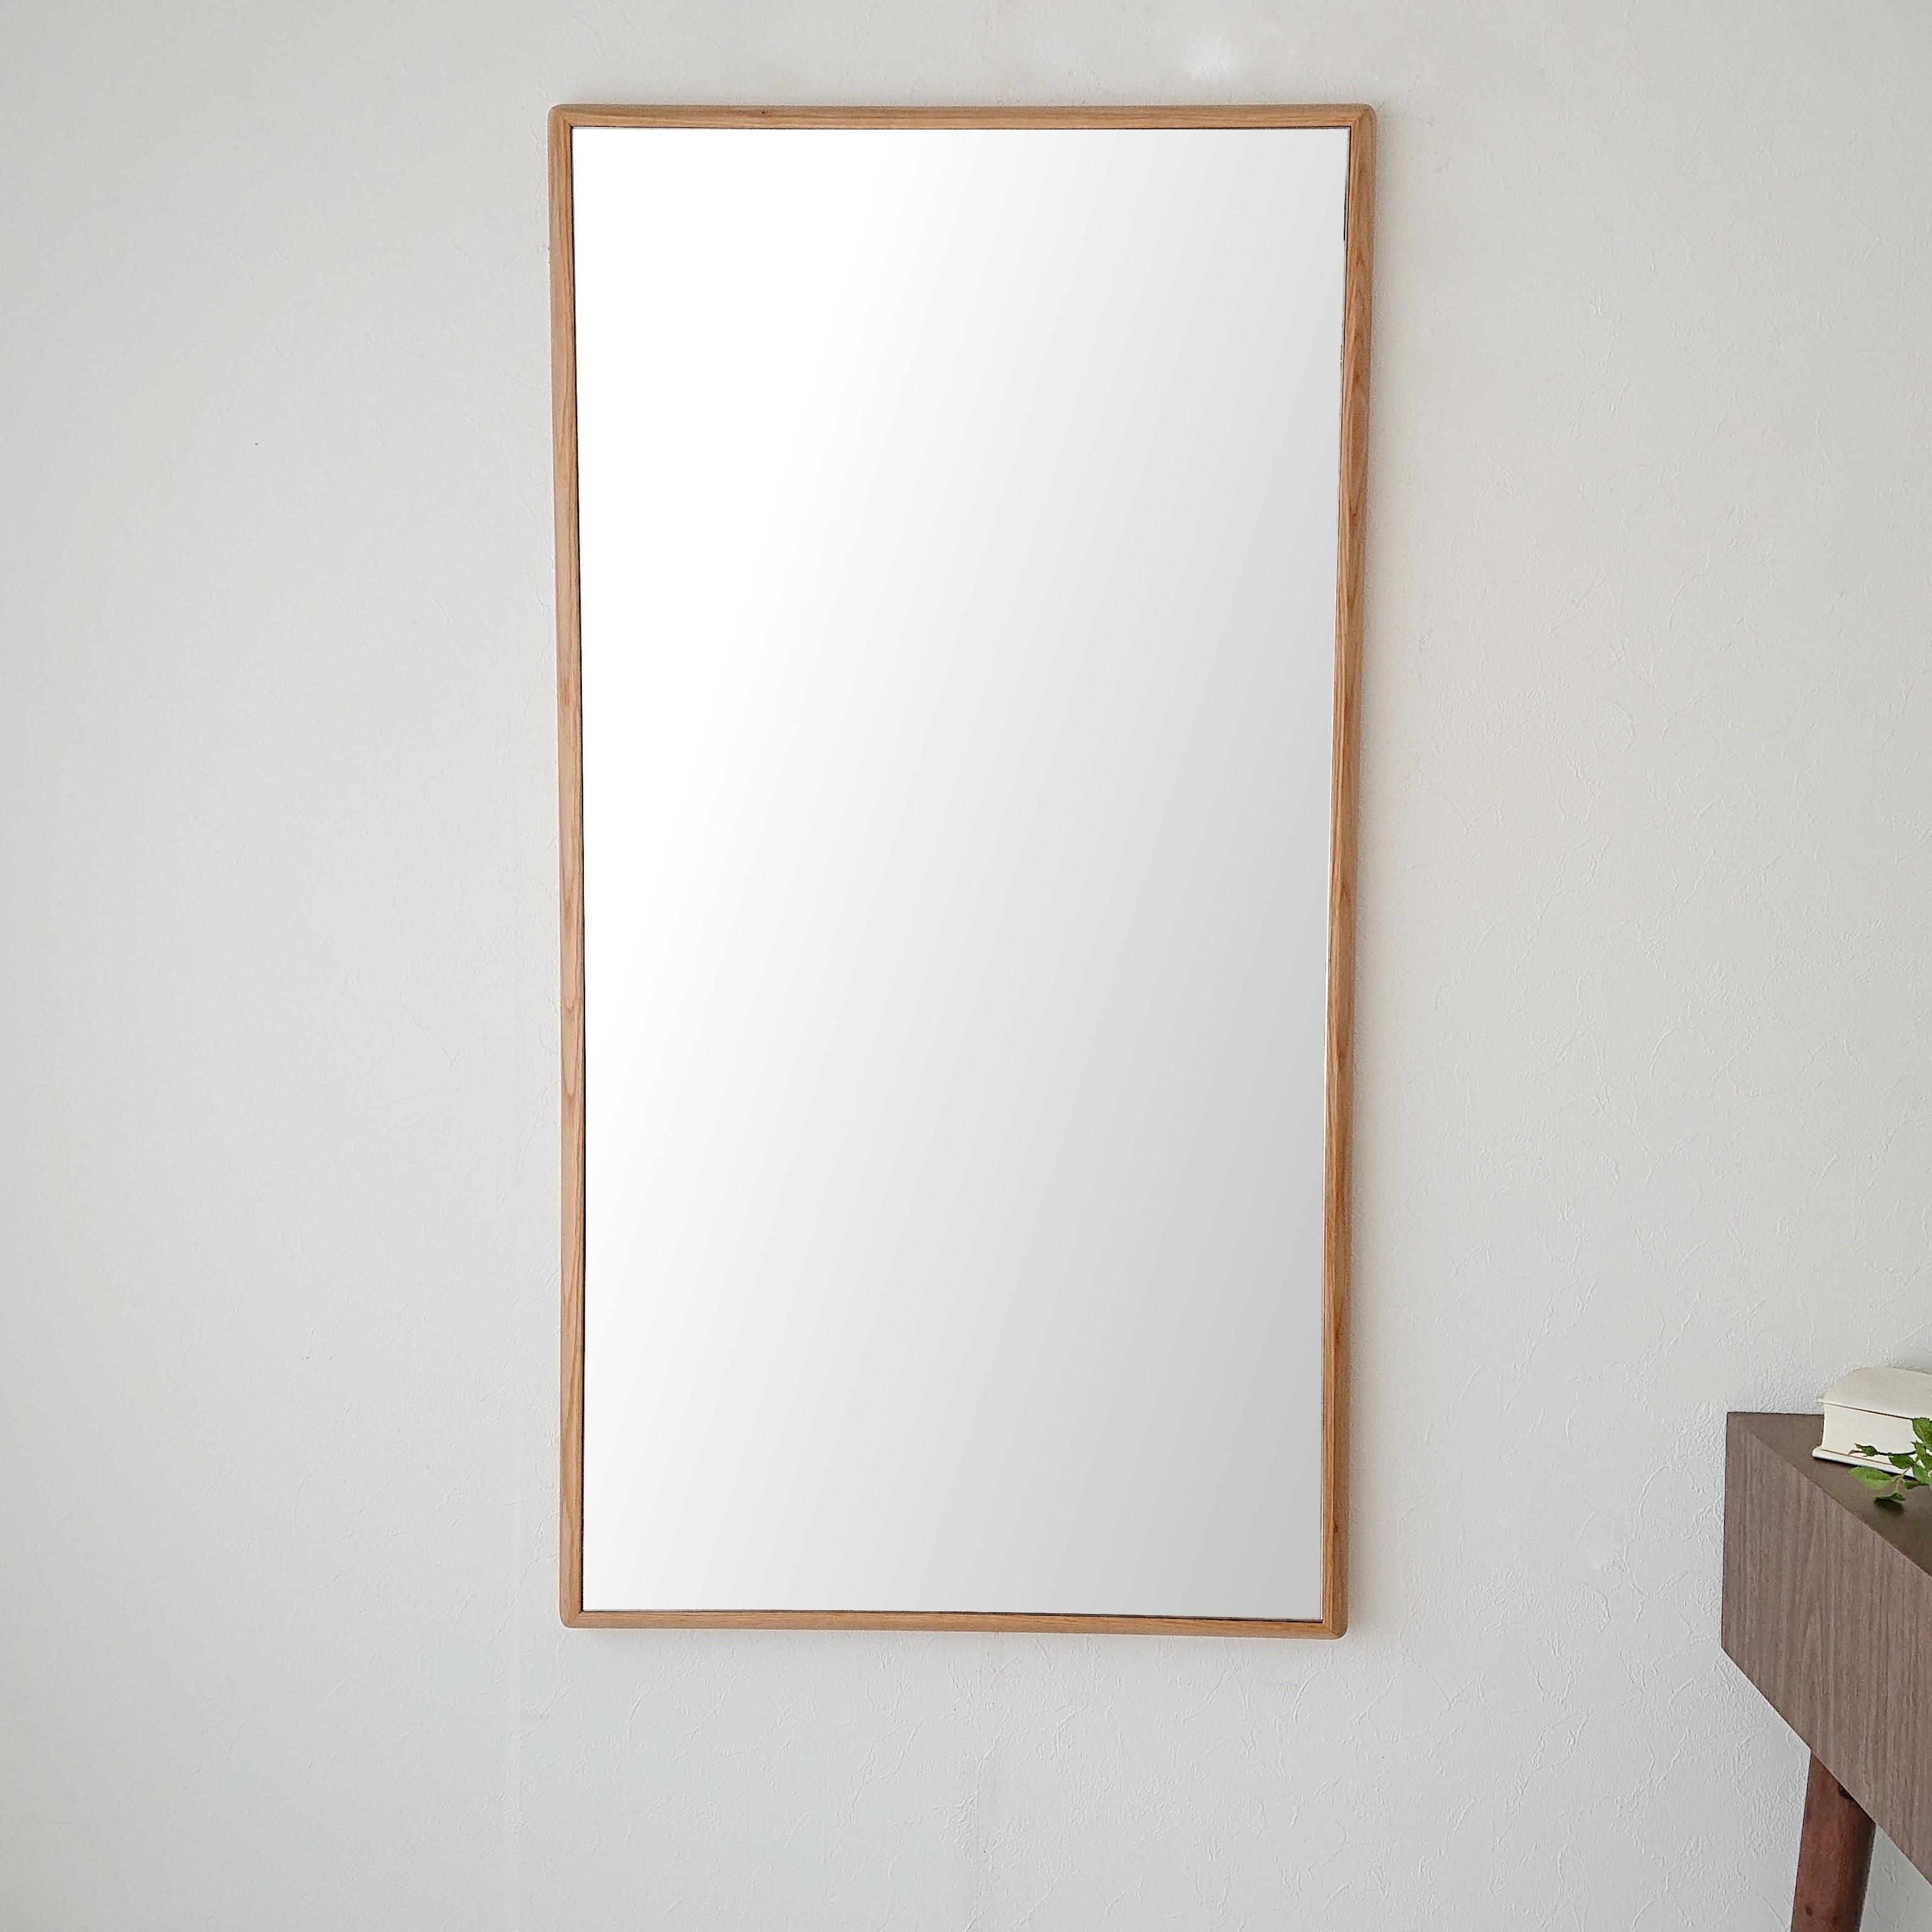 ステラ 54x102cm ホワイトオーク材 姿見 壁掛けミラー 長方形 (通常便商品)